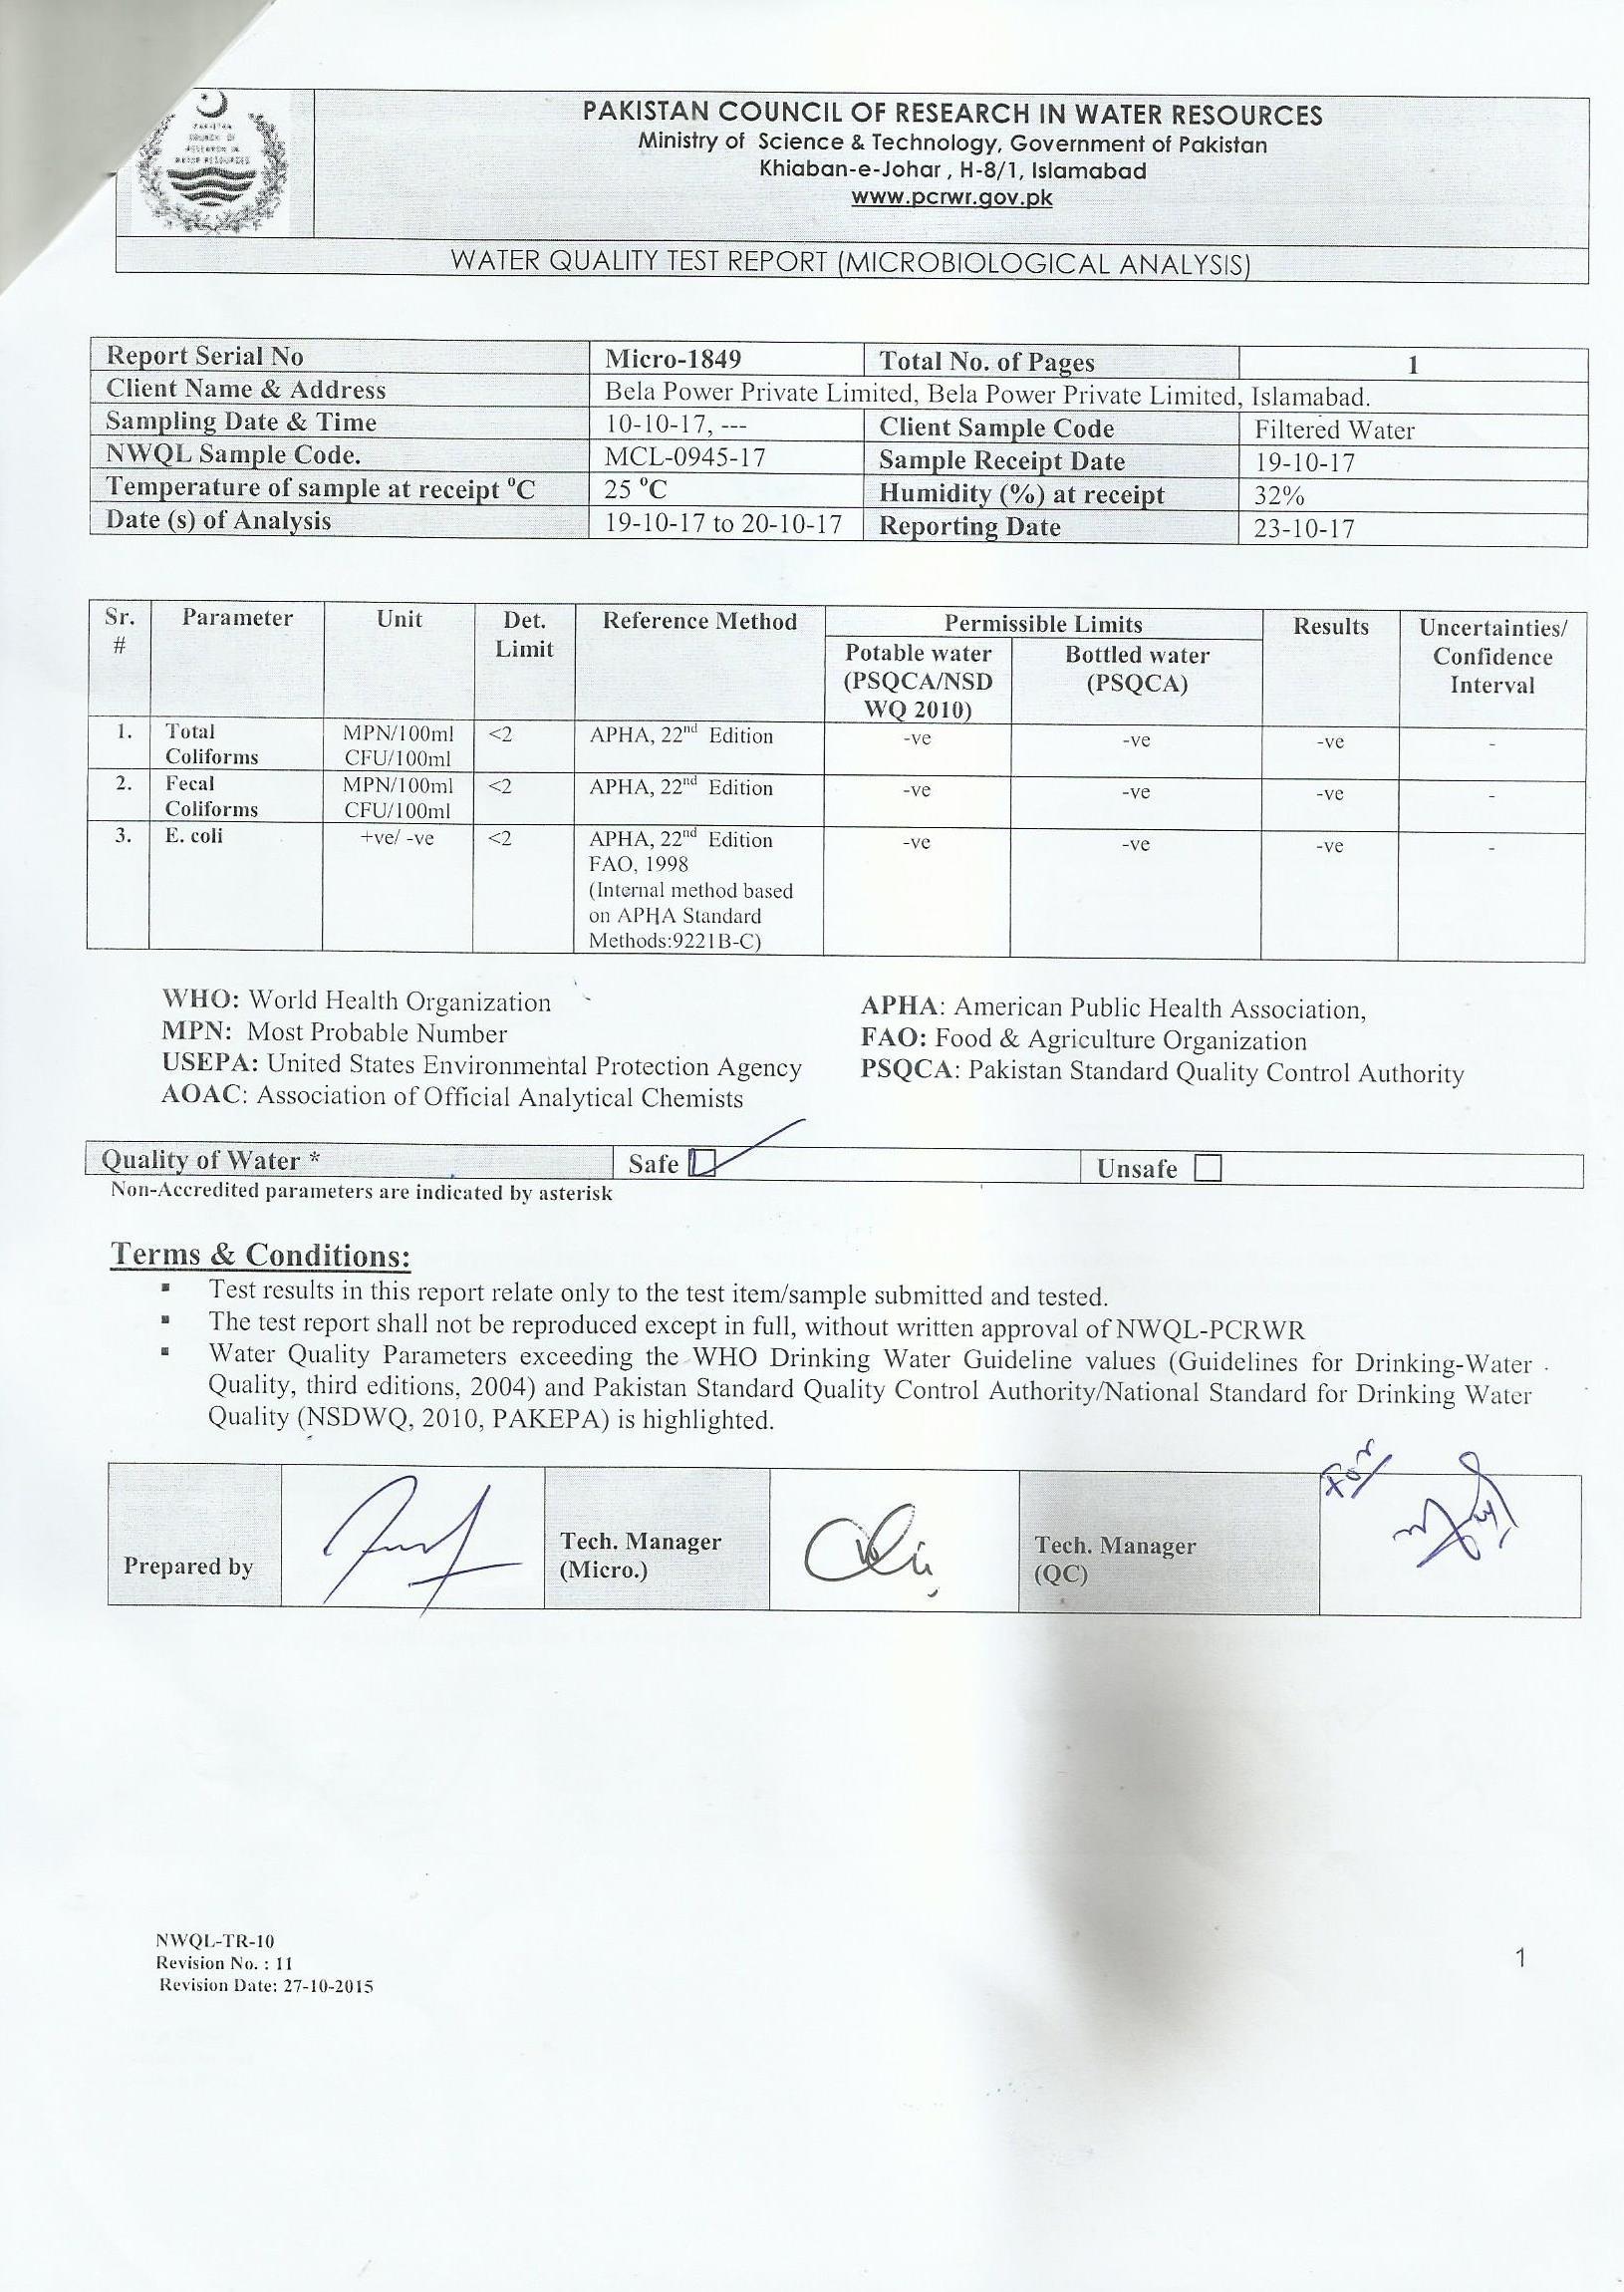 2017-10-20_PCRWR_O1 Test Report_Page_2.jpg